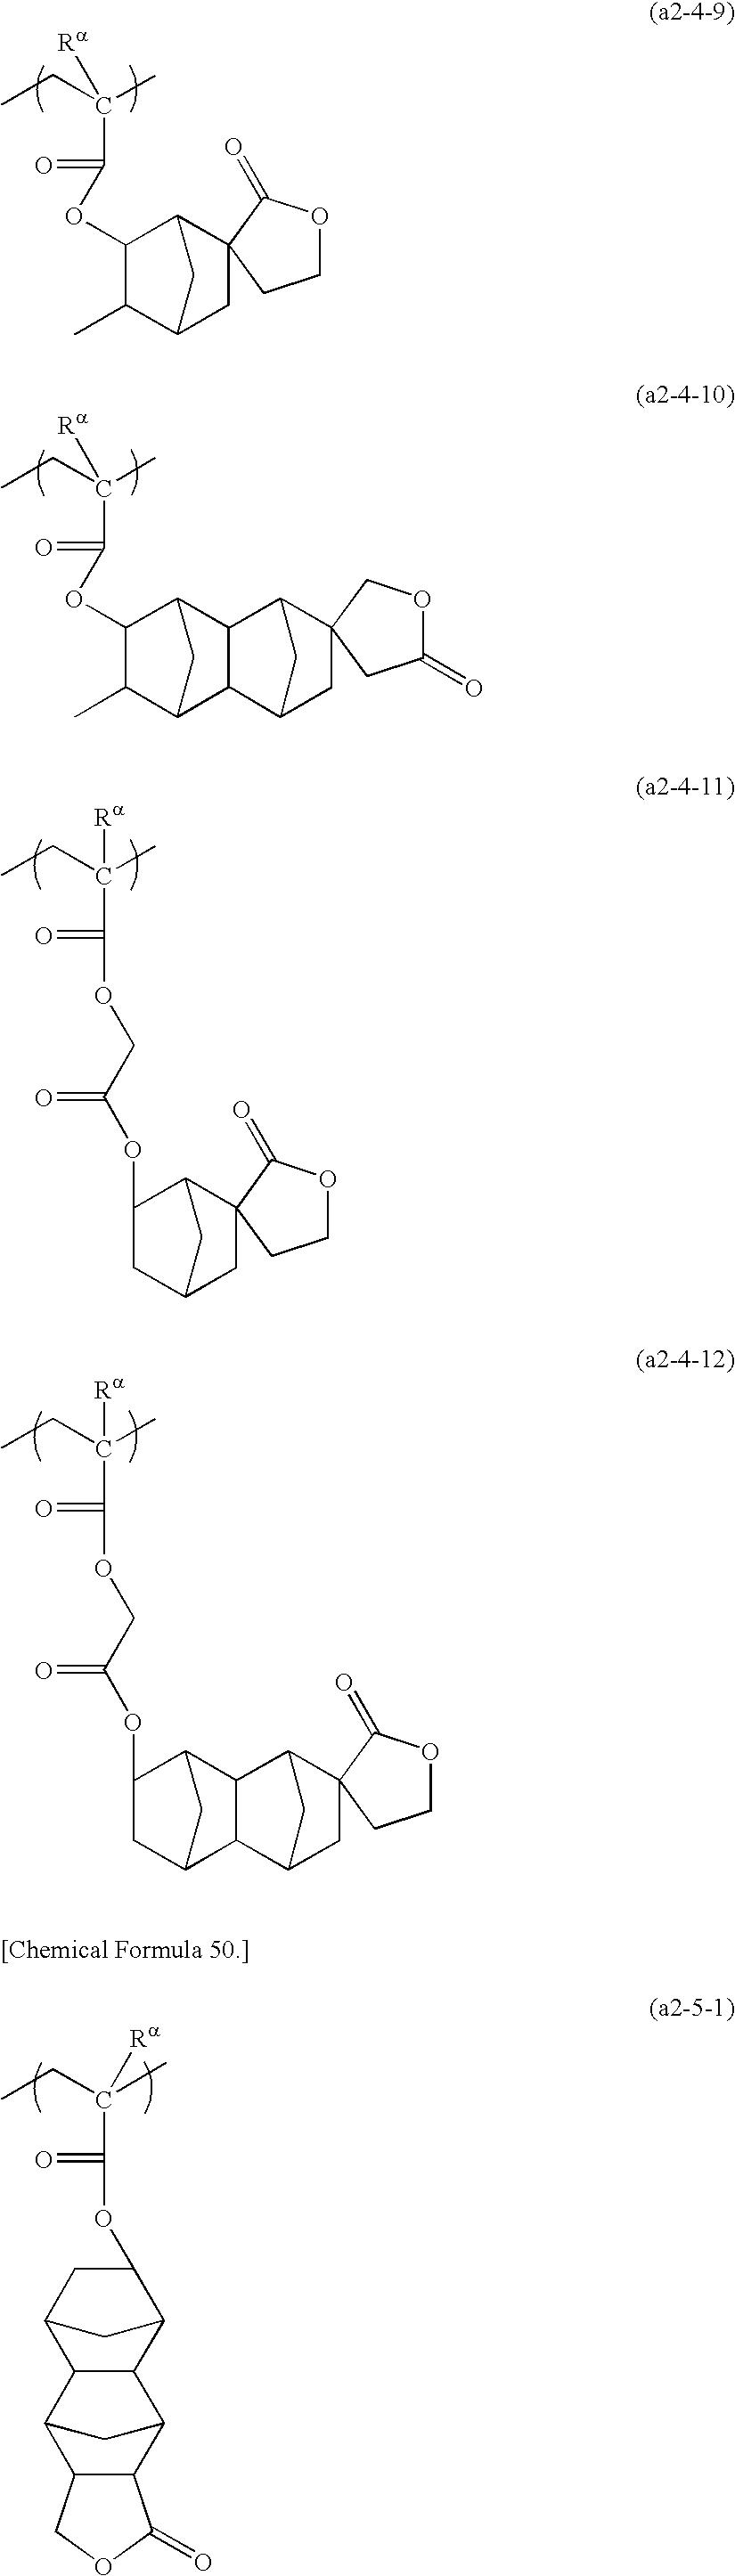 Figure US20100196821A1-20100805-C00076